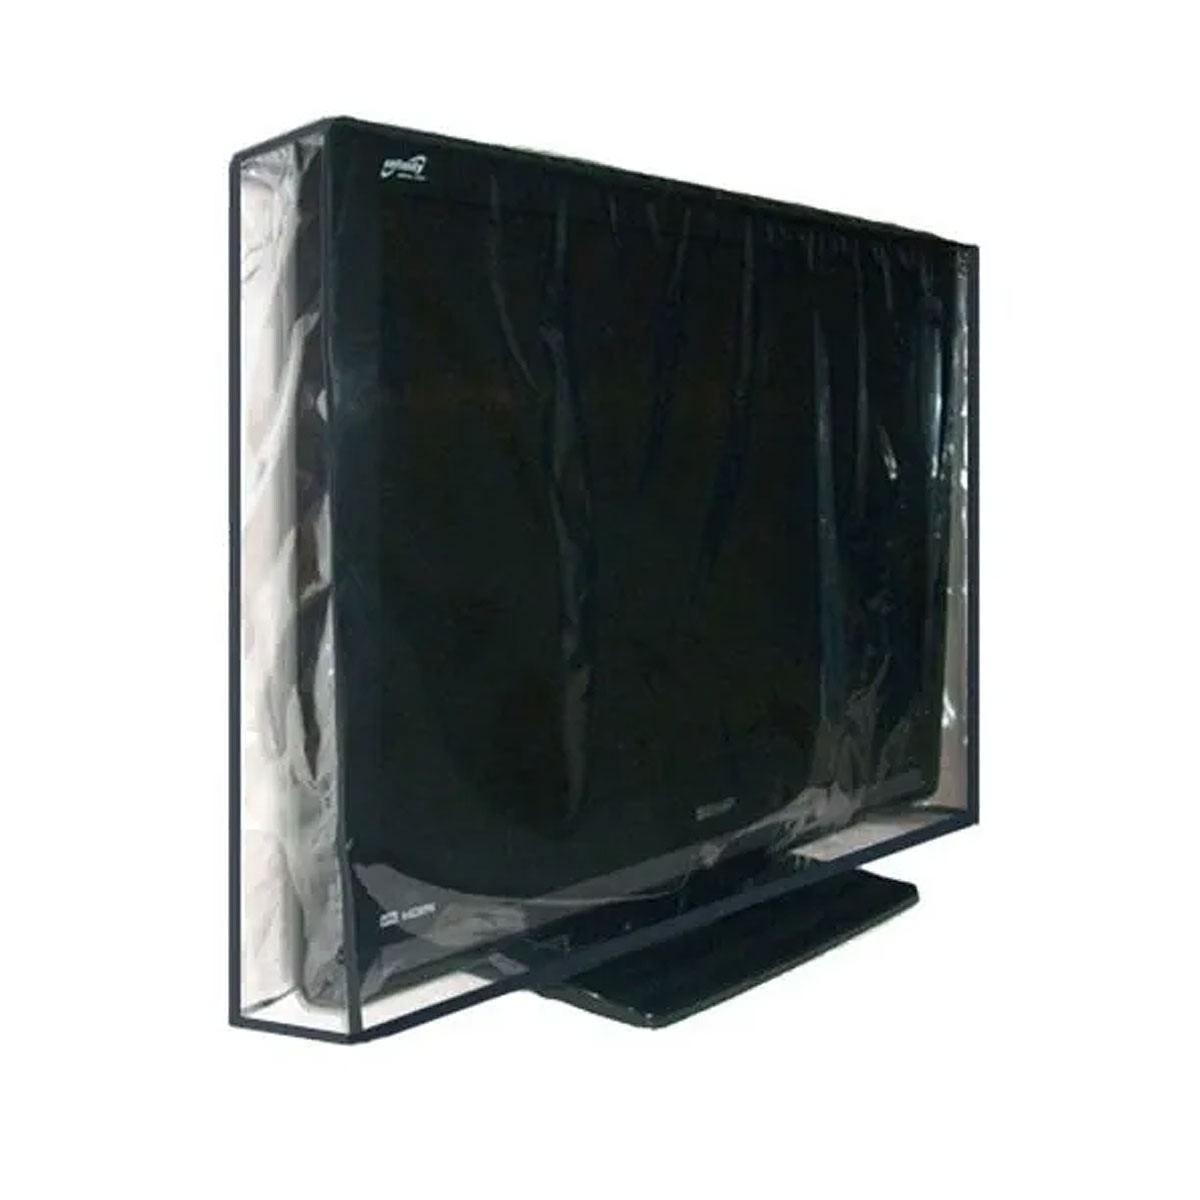 Capa Para Tv Led 47 Polegadas Em Pvc Cristal Transparente 100% Impermeável - Aberta Para Suporte De Parede